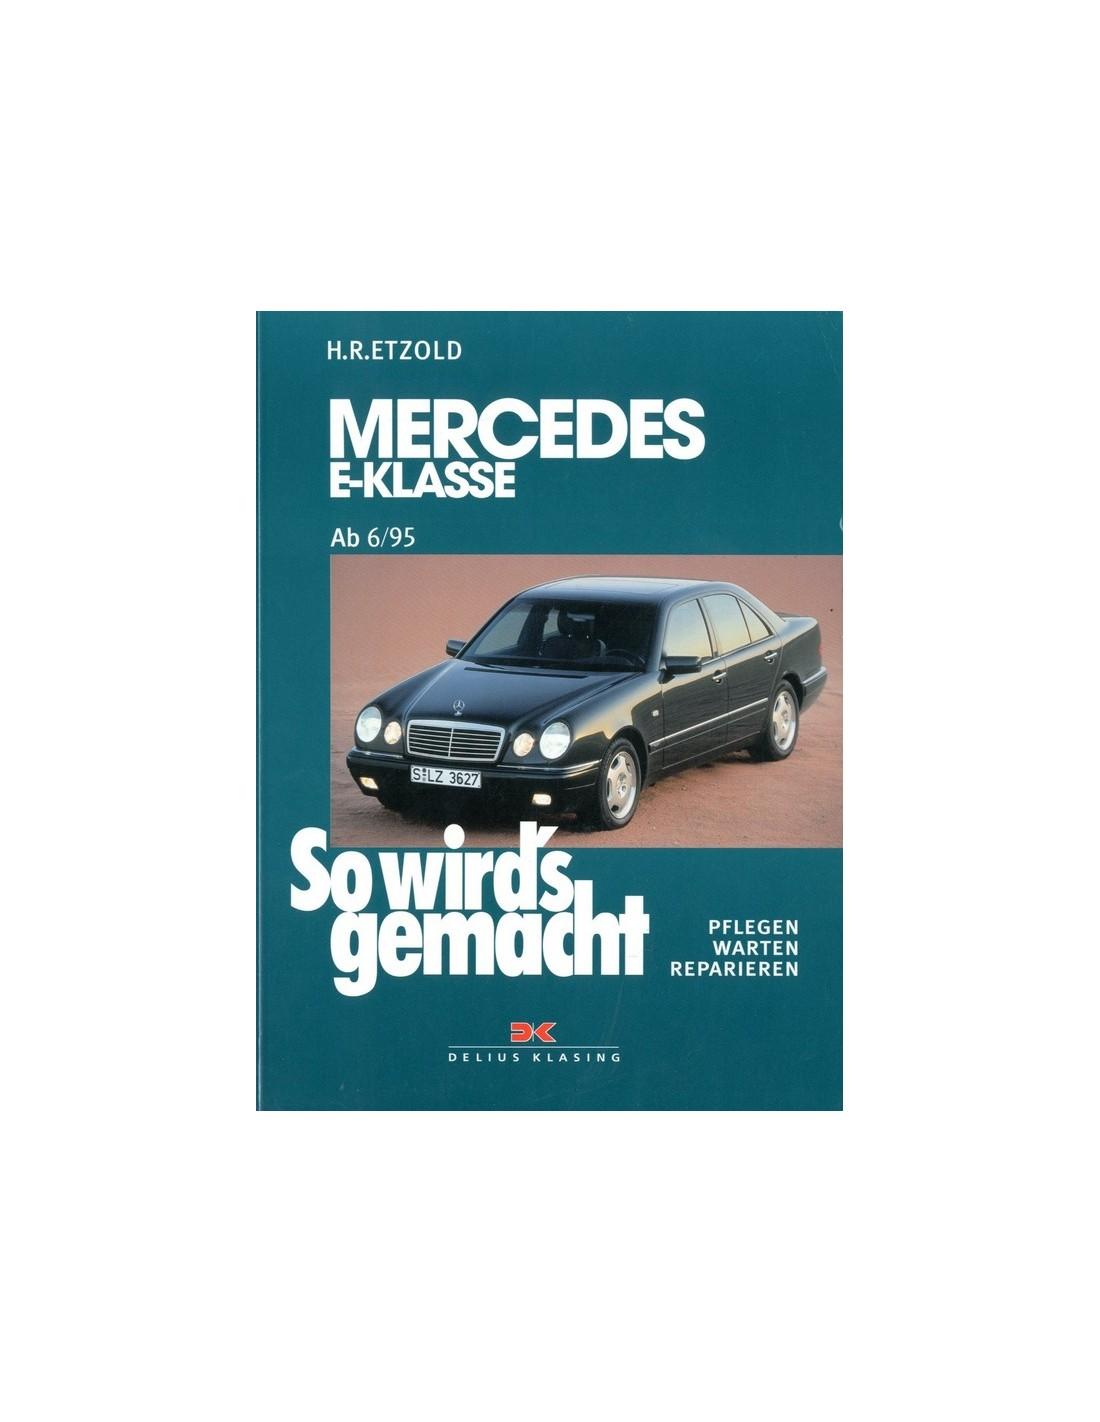 1995 1997 mercedes benz e class petrol workshop manual german rh autolit eu 1996 Mercedes-Benz E-Class 1997 E420 Reliability